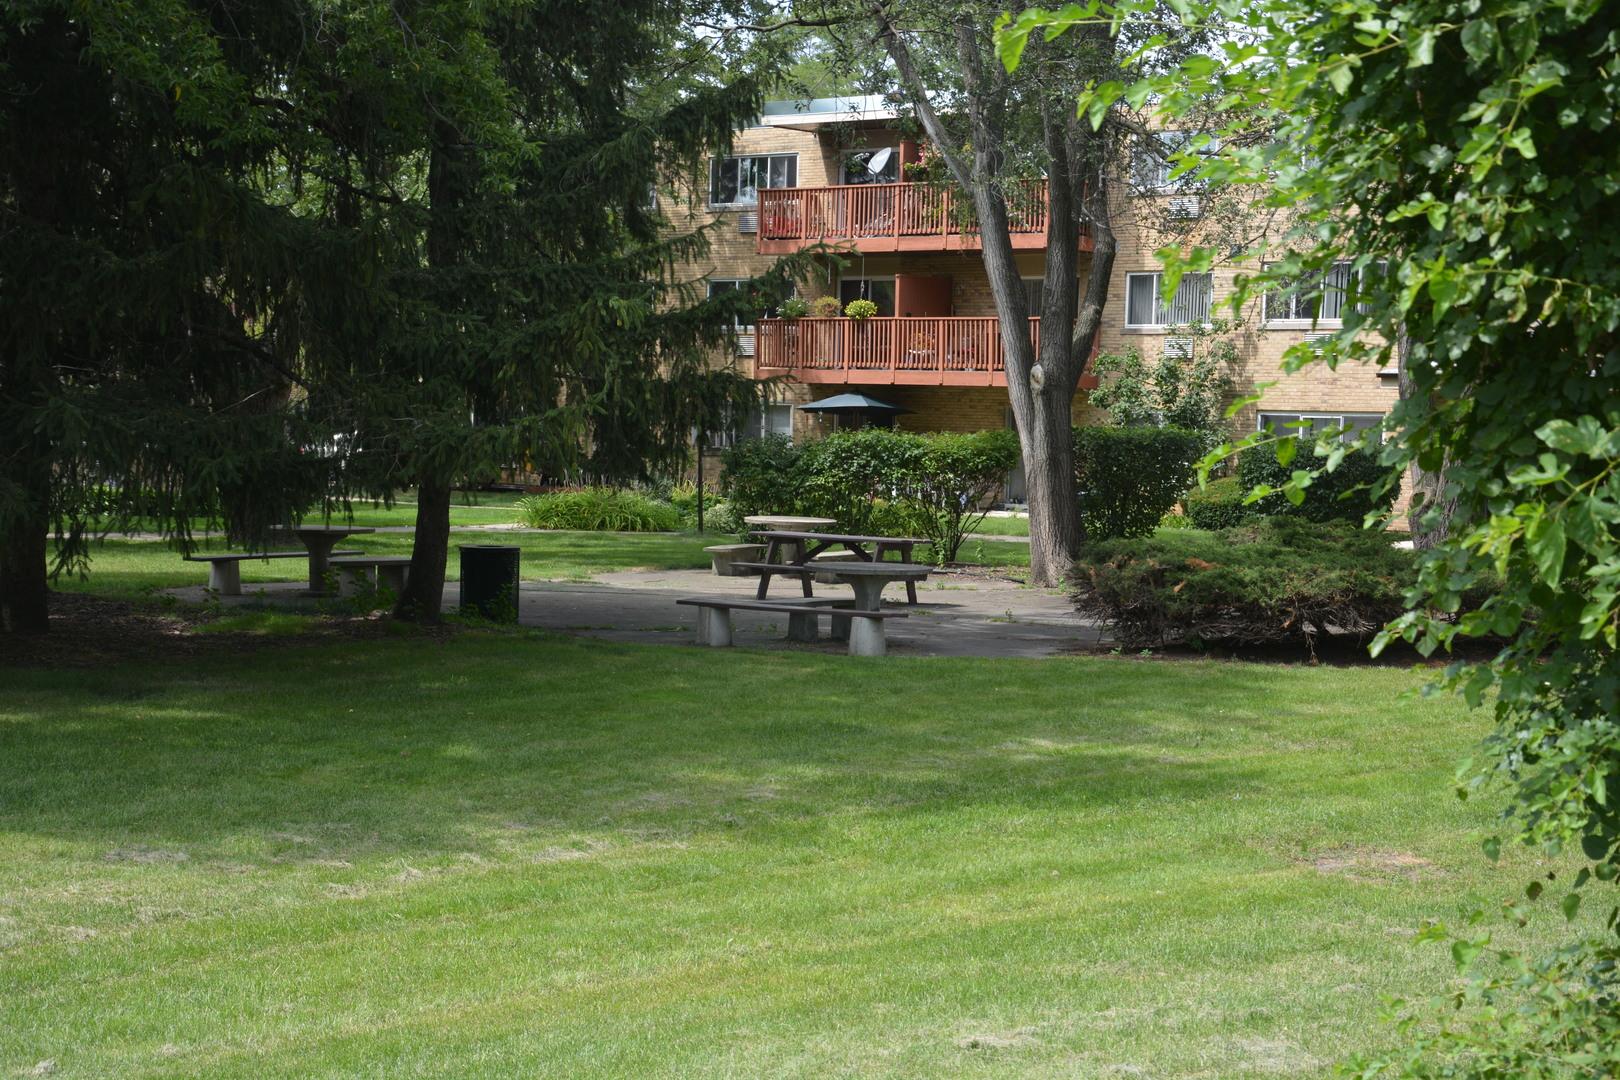 734 Dempster 205, Mount Prospect, Illinois, 60056